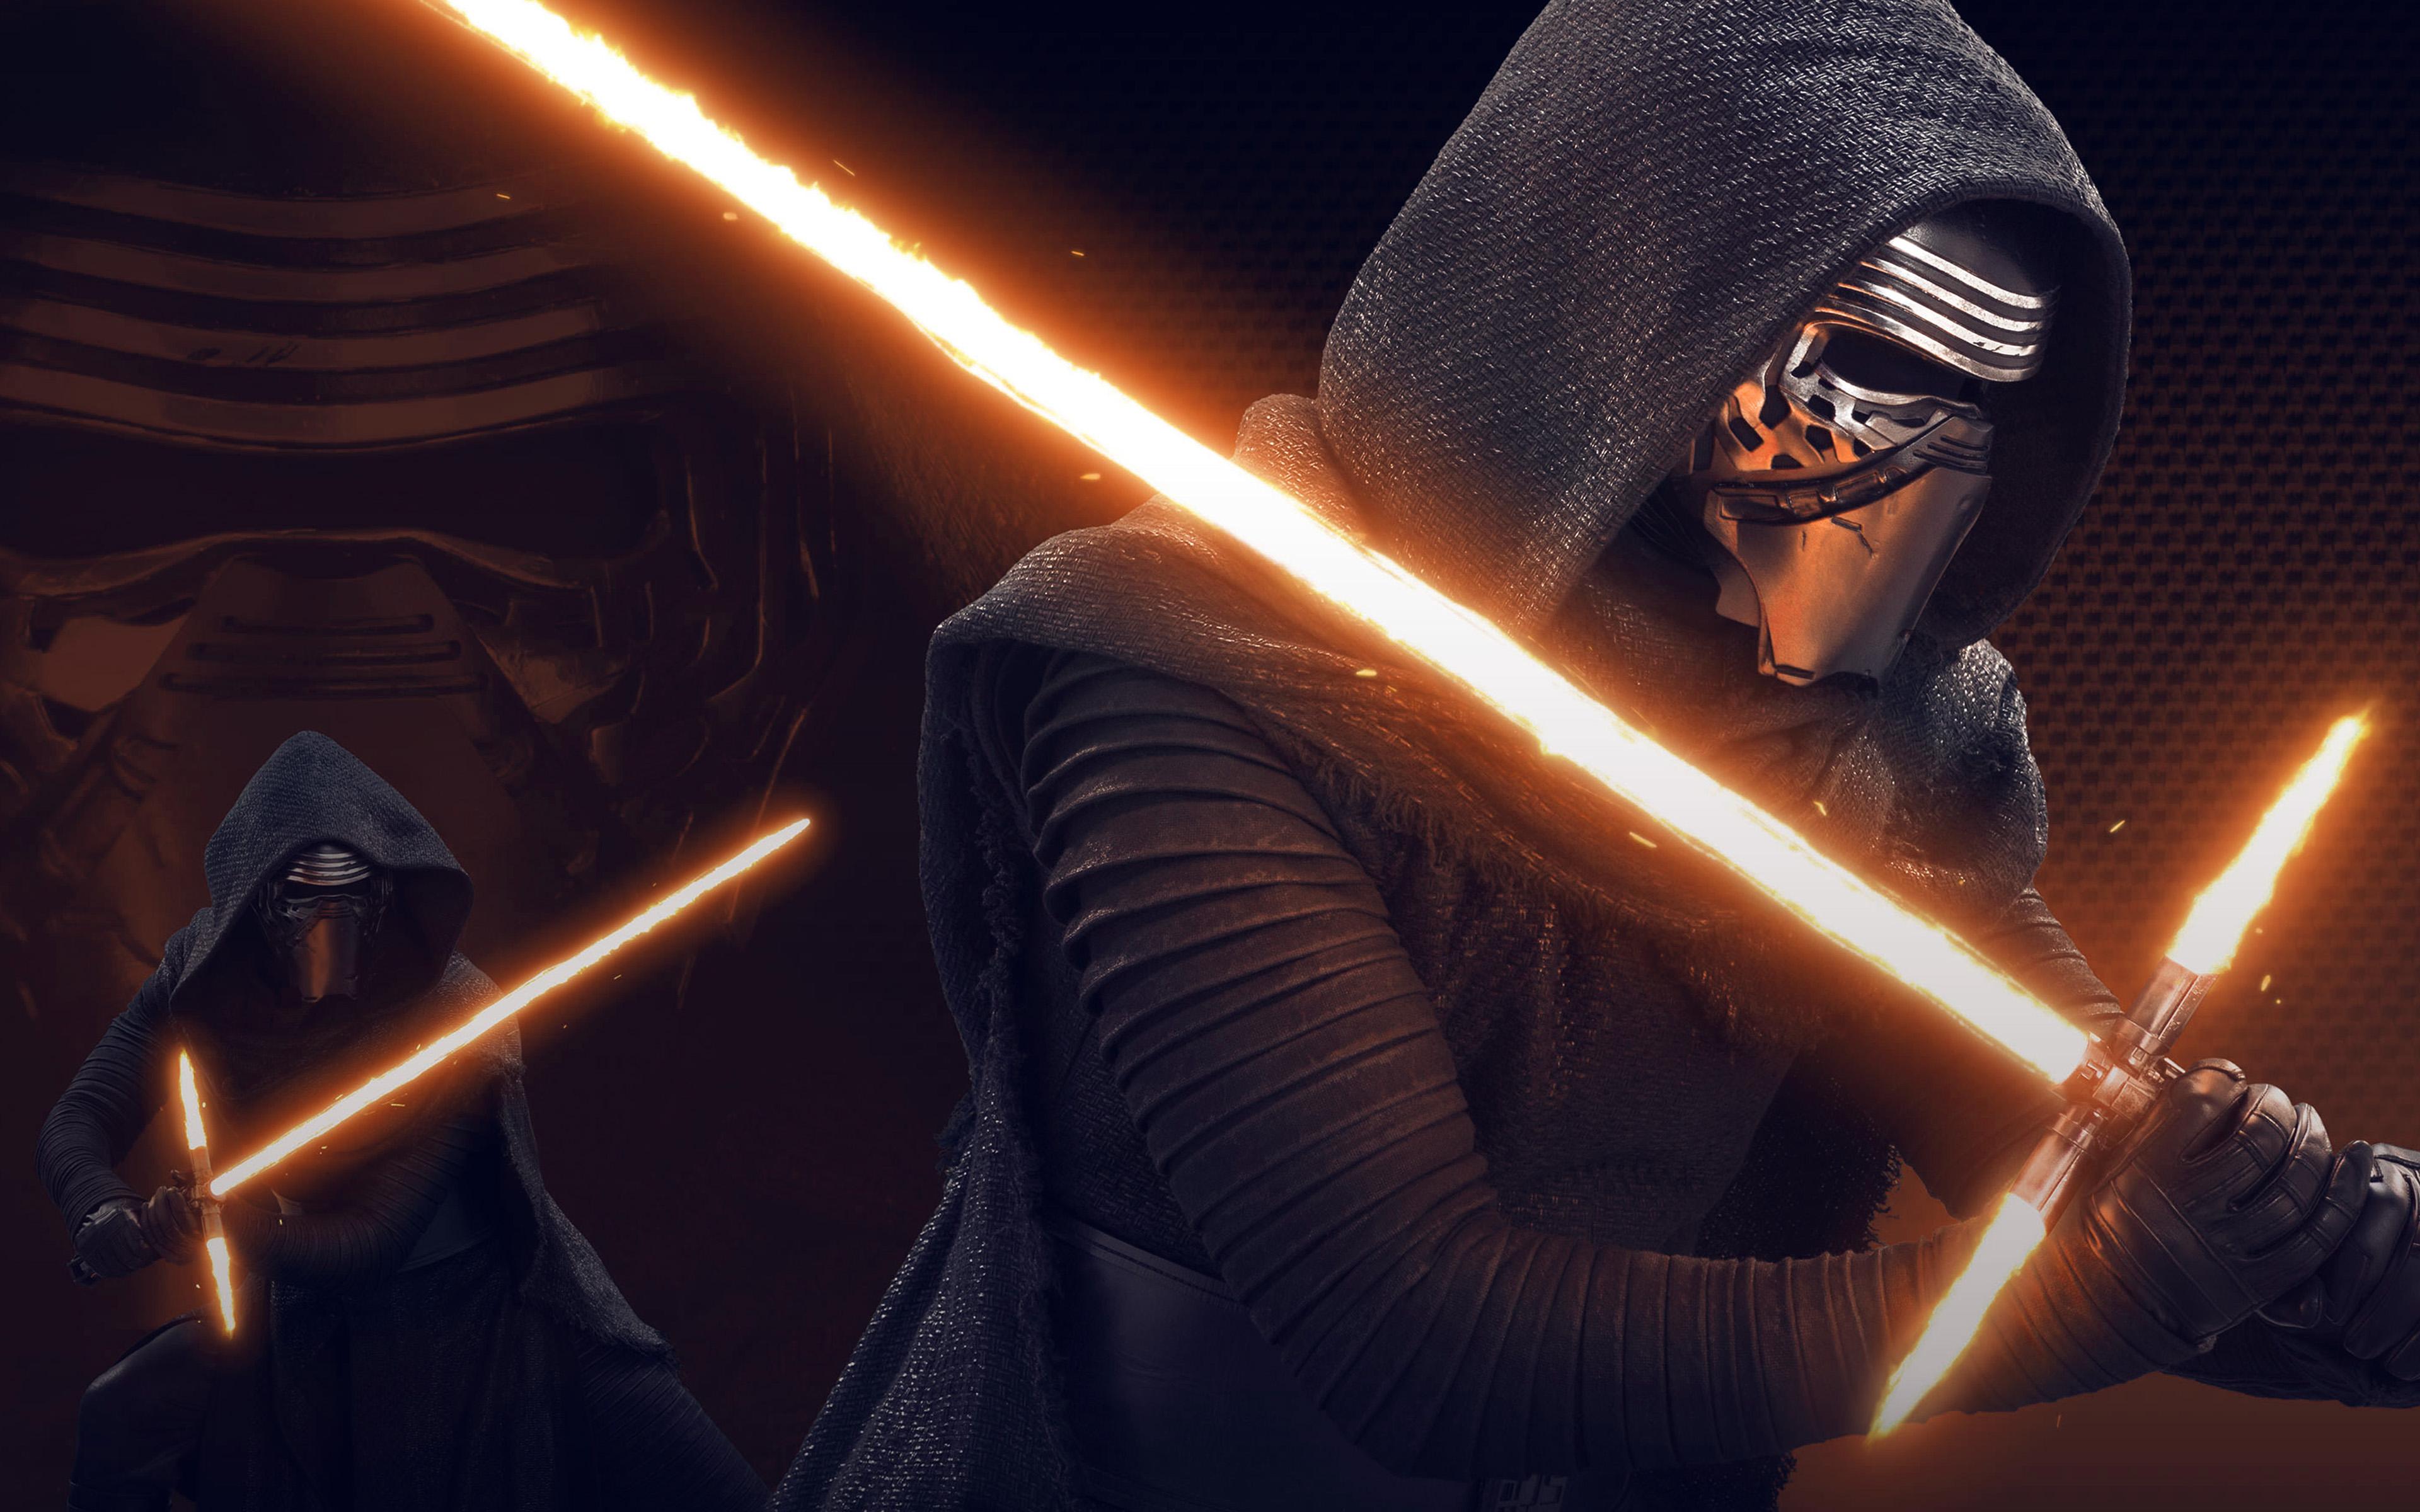 at11-starwars-kylo-ren-dark-orange-lightsaber-art ...